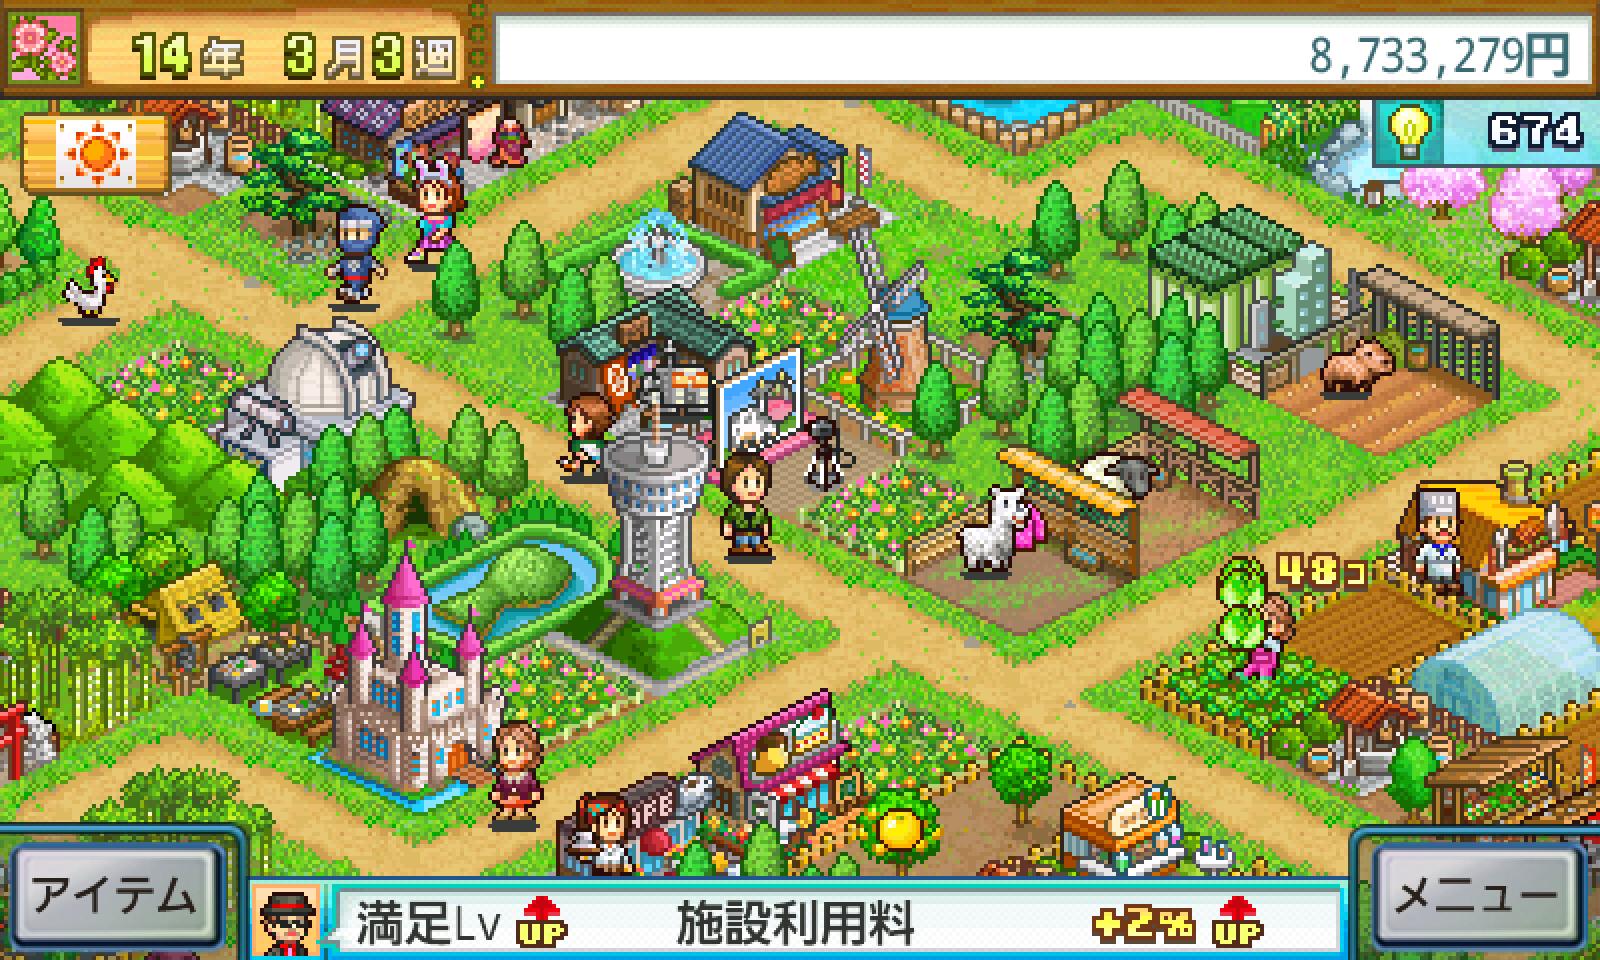 大空ヘクタール農園 screenshot #22